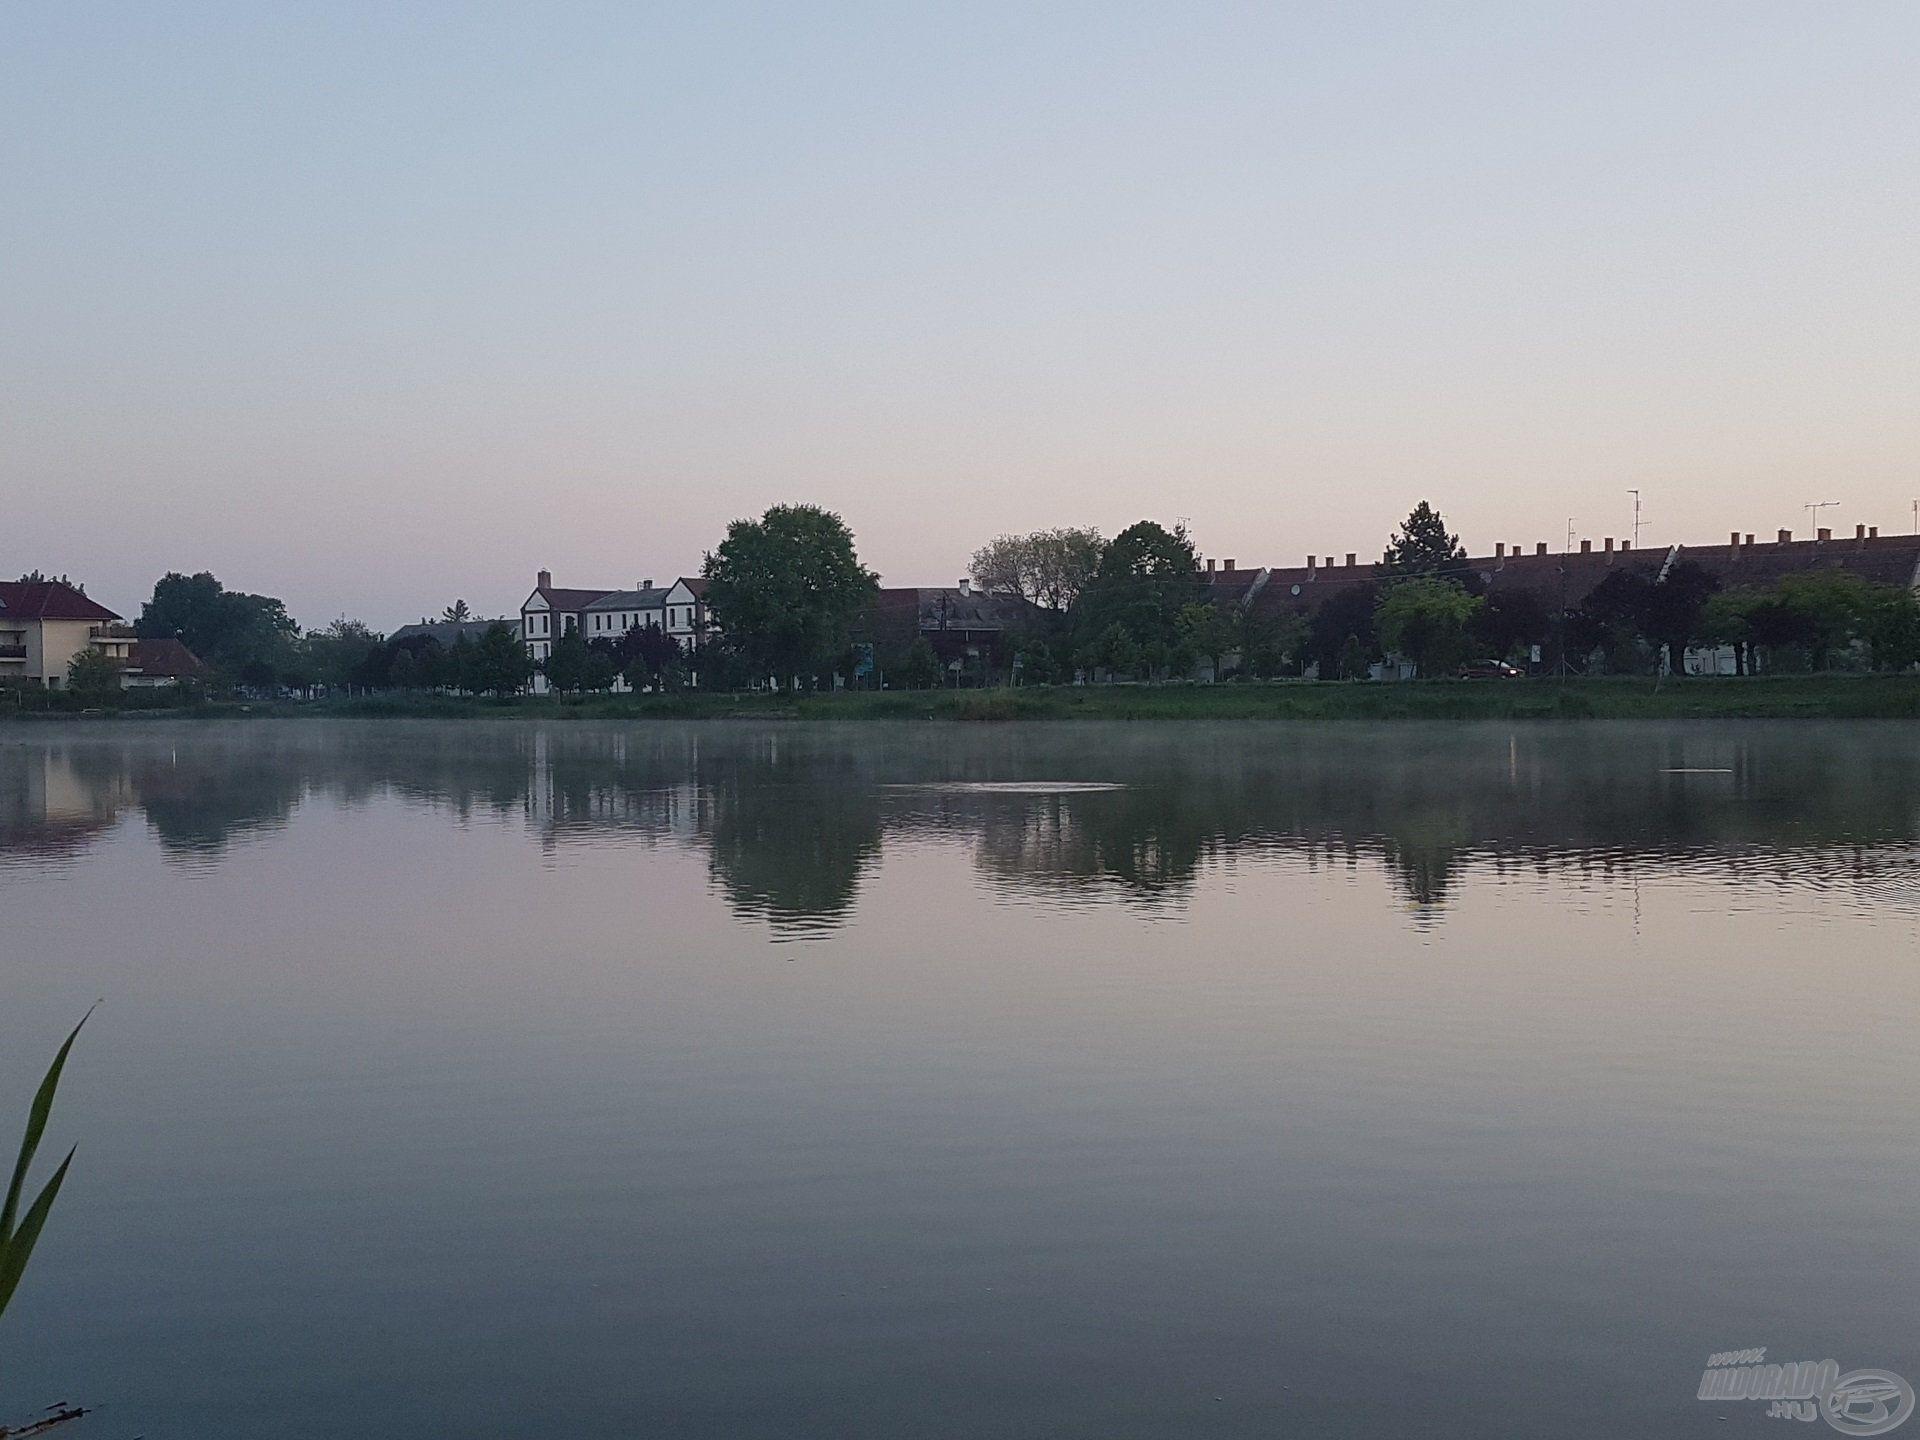 Kora hajnalban érkeztem, a víz felszínén biztató jelek árulkodtak a halak jelenlétéről